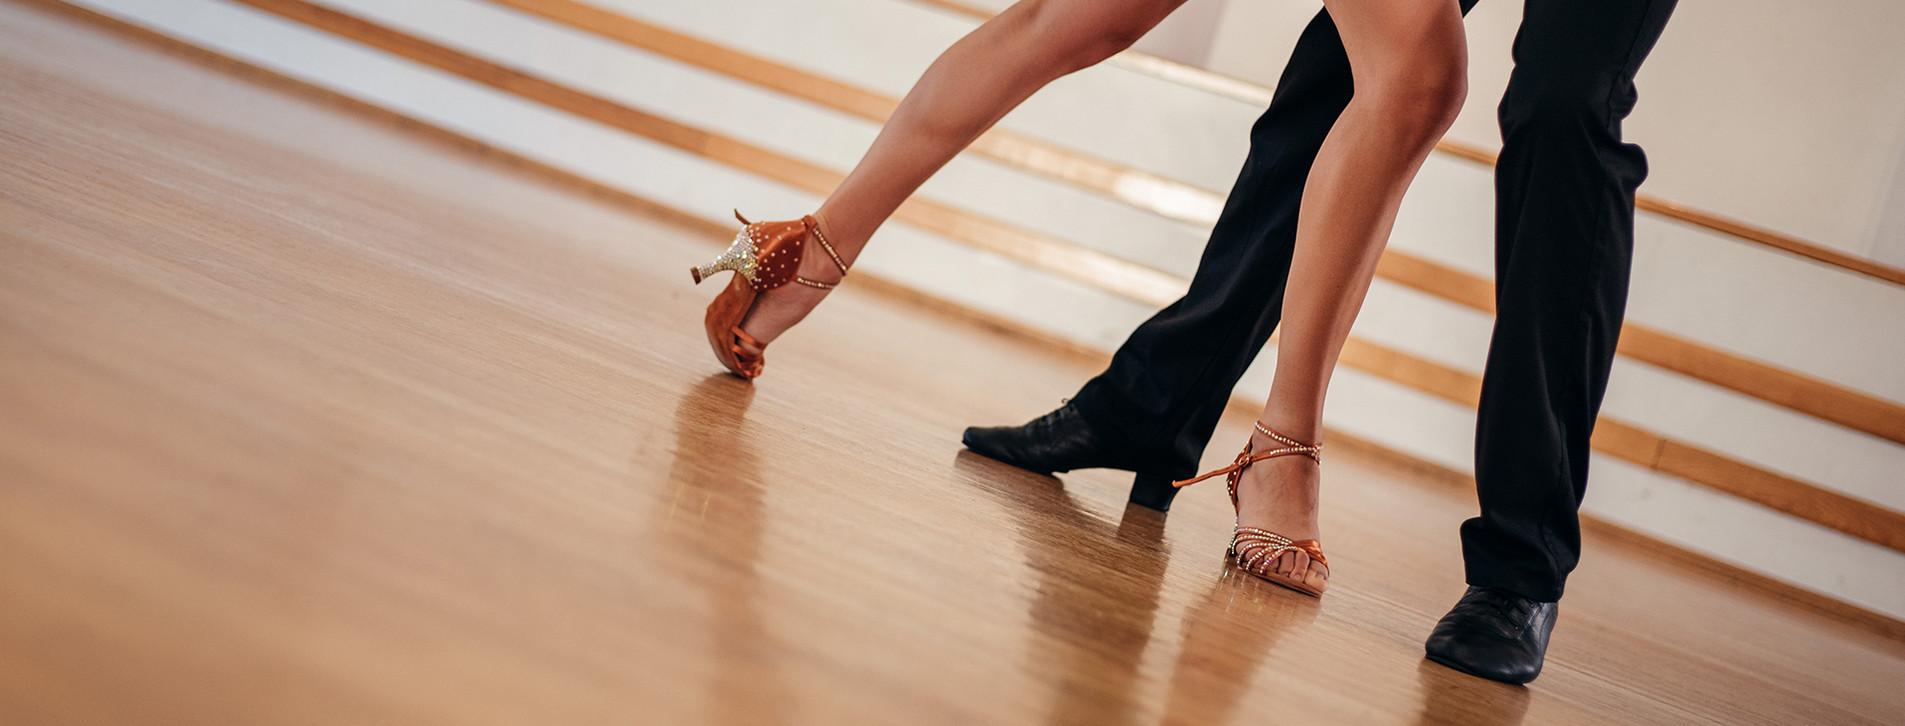 Фото 1 - Мастер-класс аргентинского танго